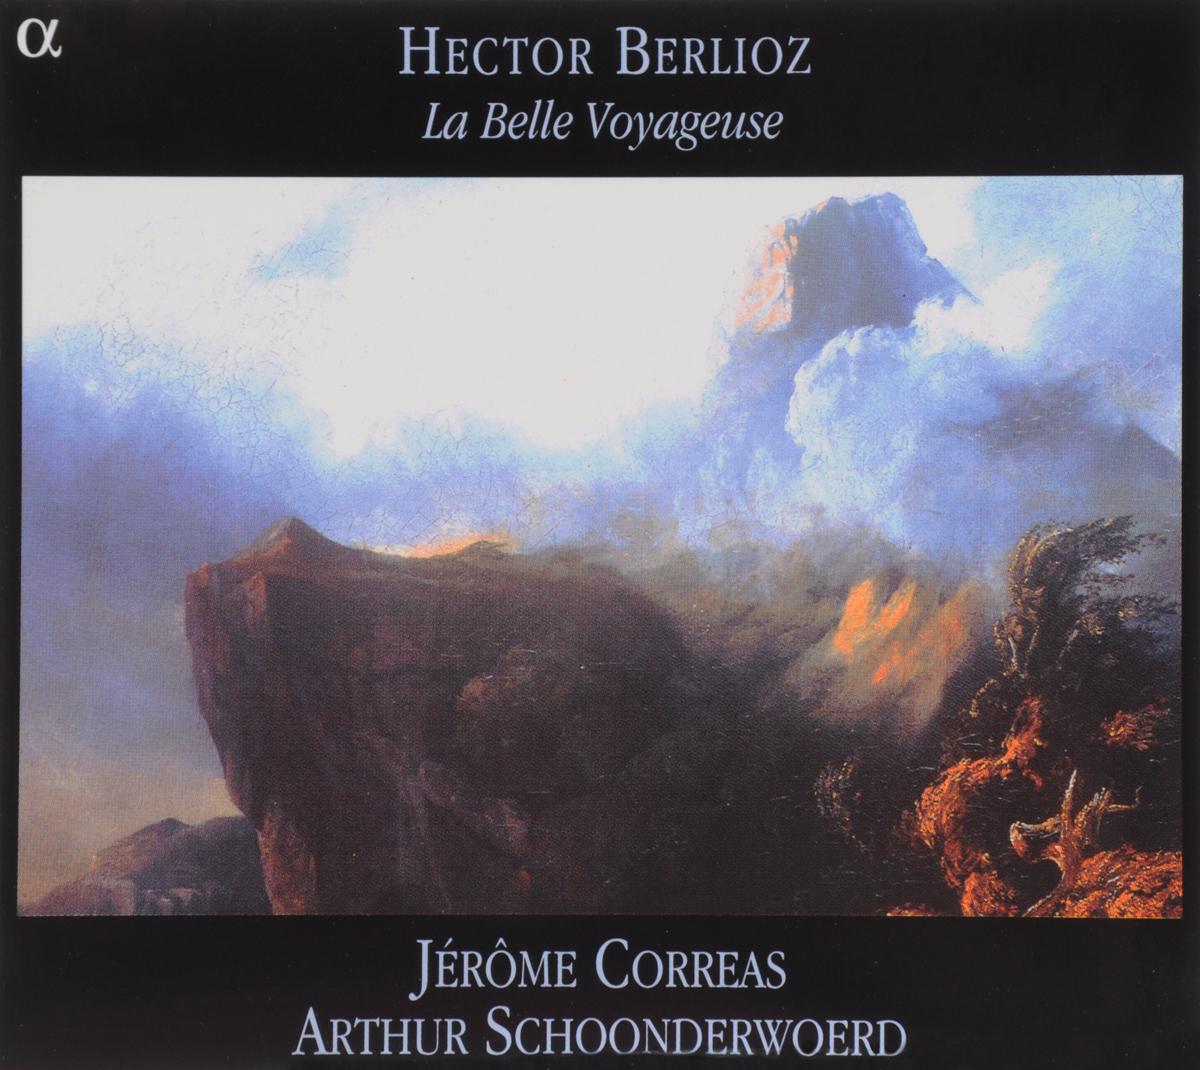 Исполнитель: VARIOUSАльбом: BERLIOZ, H./ LA BELLE VOYAGEUSE: MELODIES/ JEROME CORREAS, ARTHUR SCHOONDERWOERDПроизводитель: ALPHA